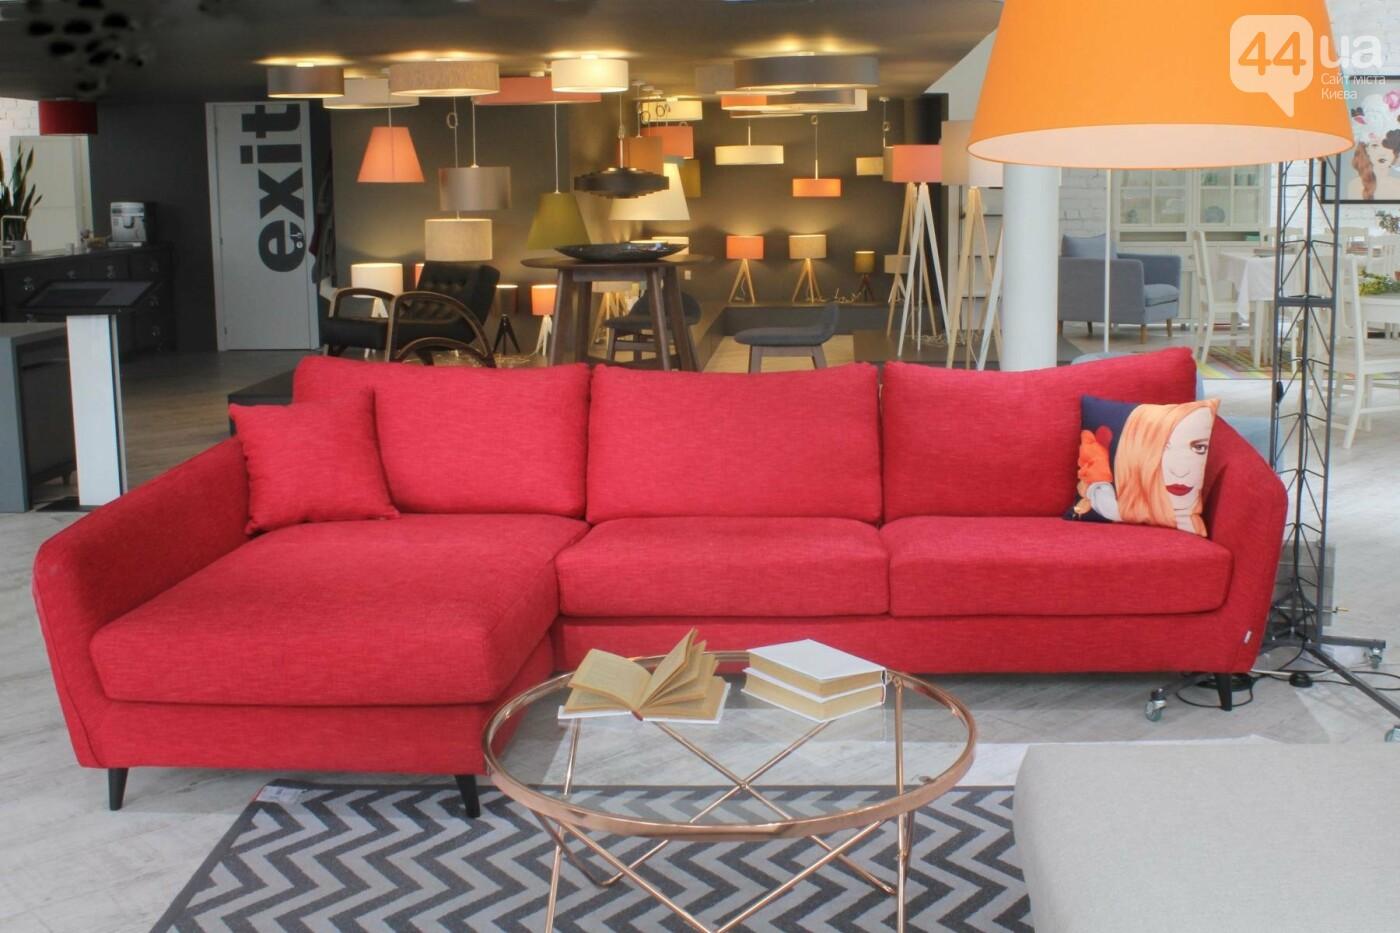 Обзор мебельных компаний Киева: какую мебель выбрать?, фото-44